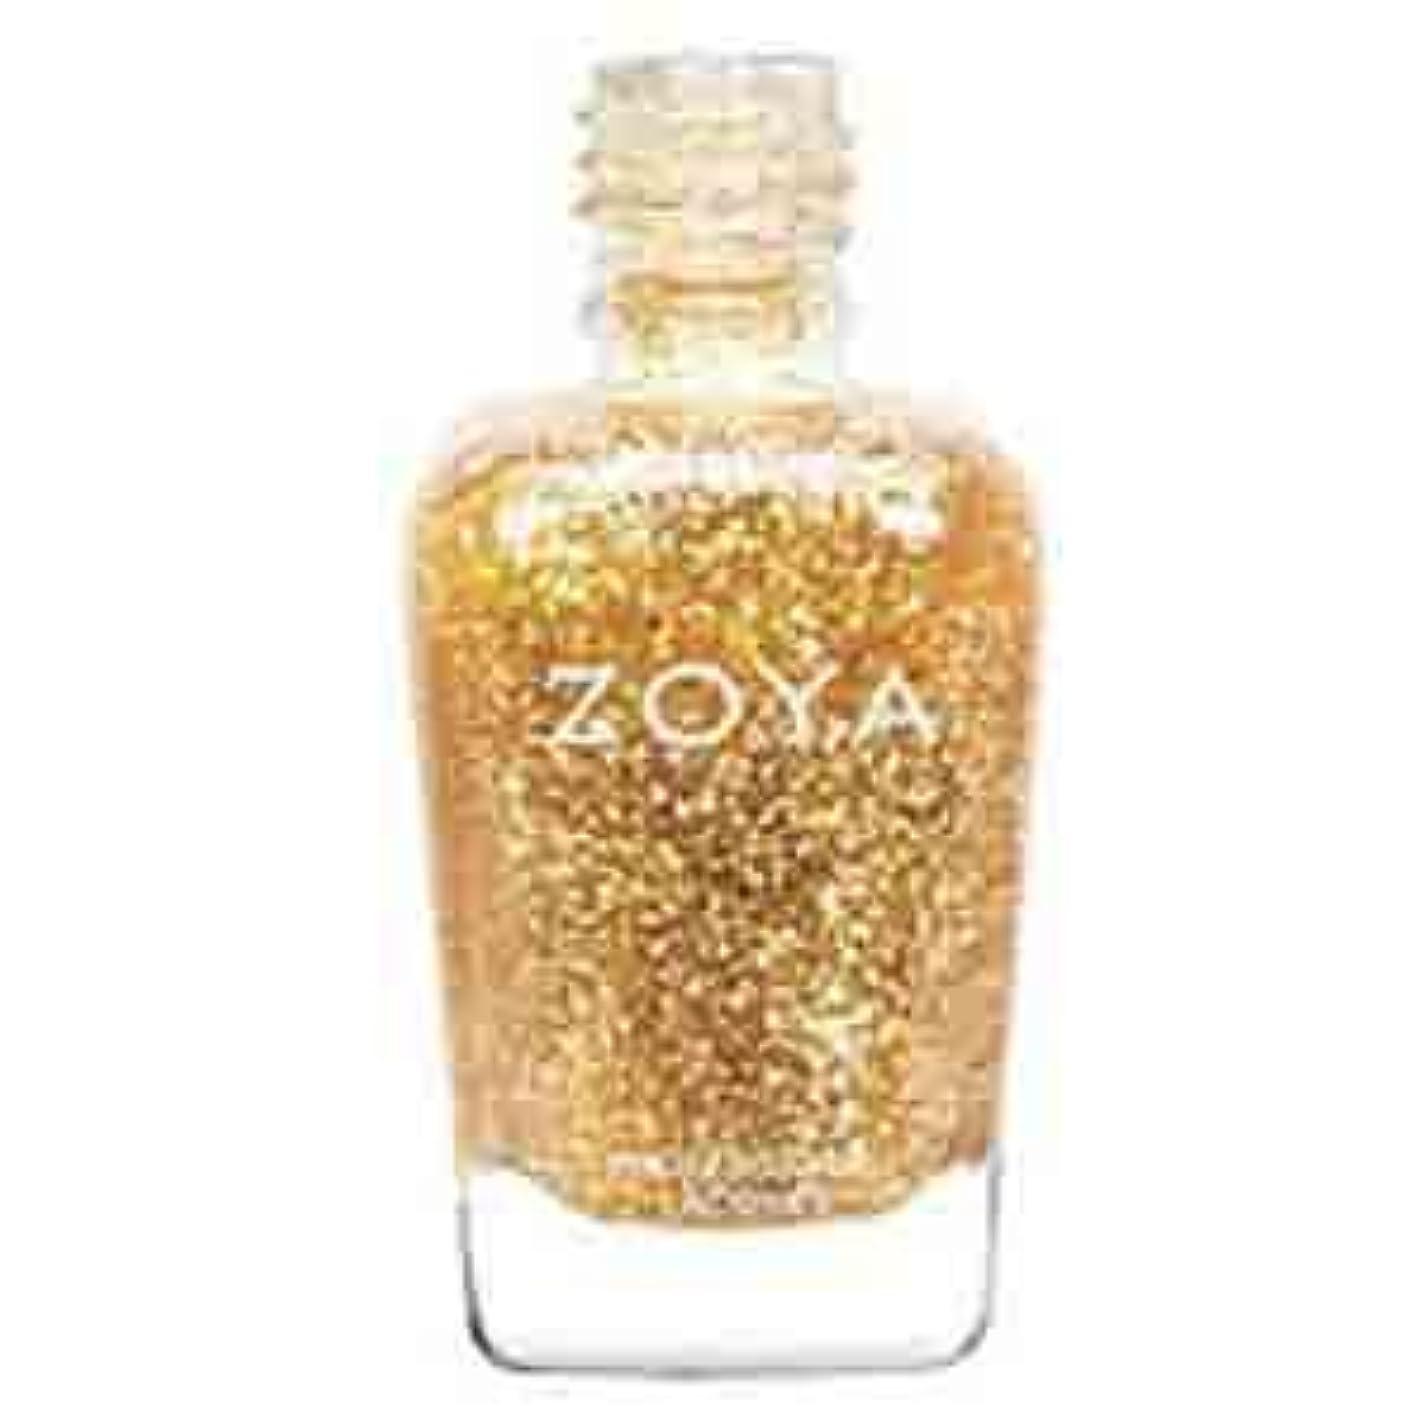 かみそり装置撤退【ZOYA 】ZP662-Maria-Luisa(Fallコレクション)